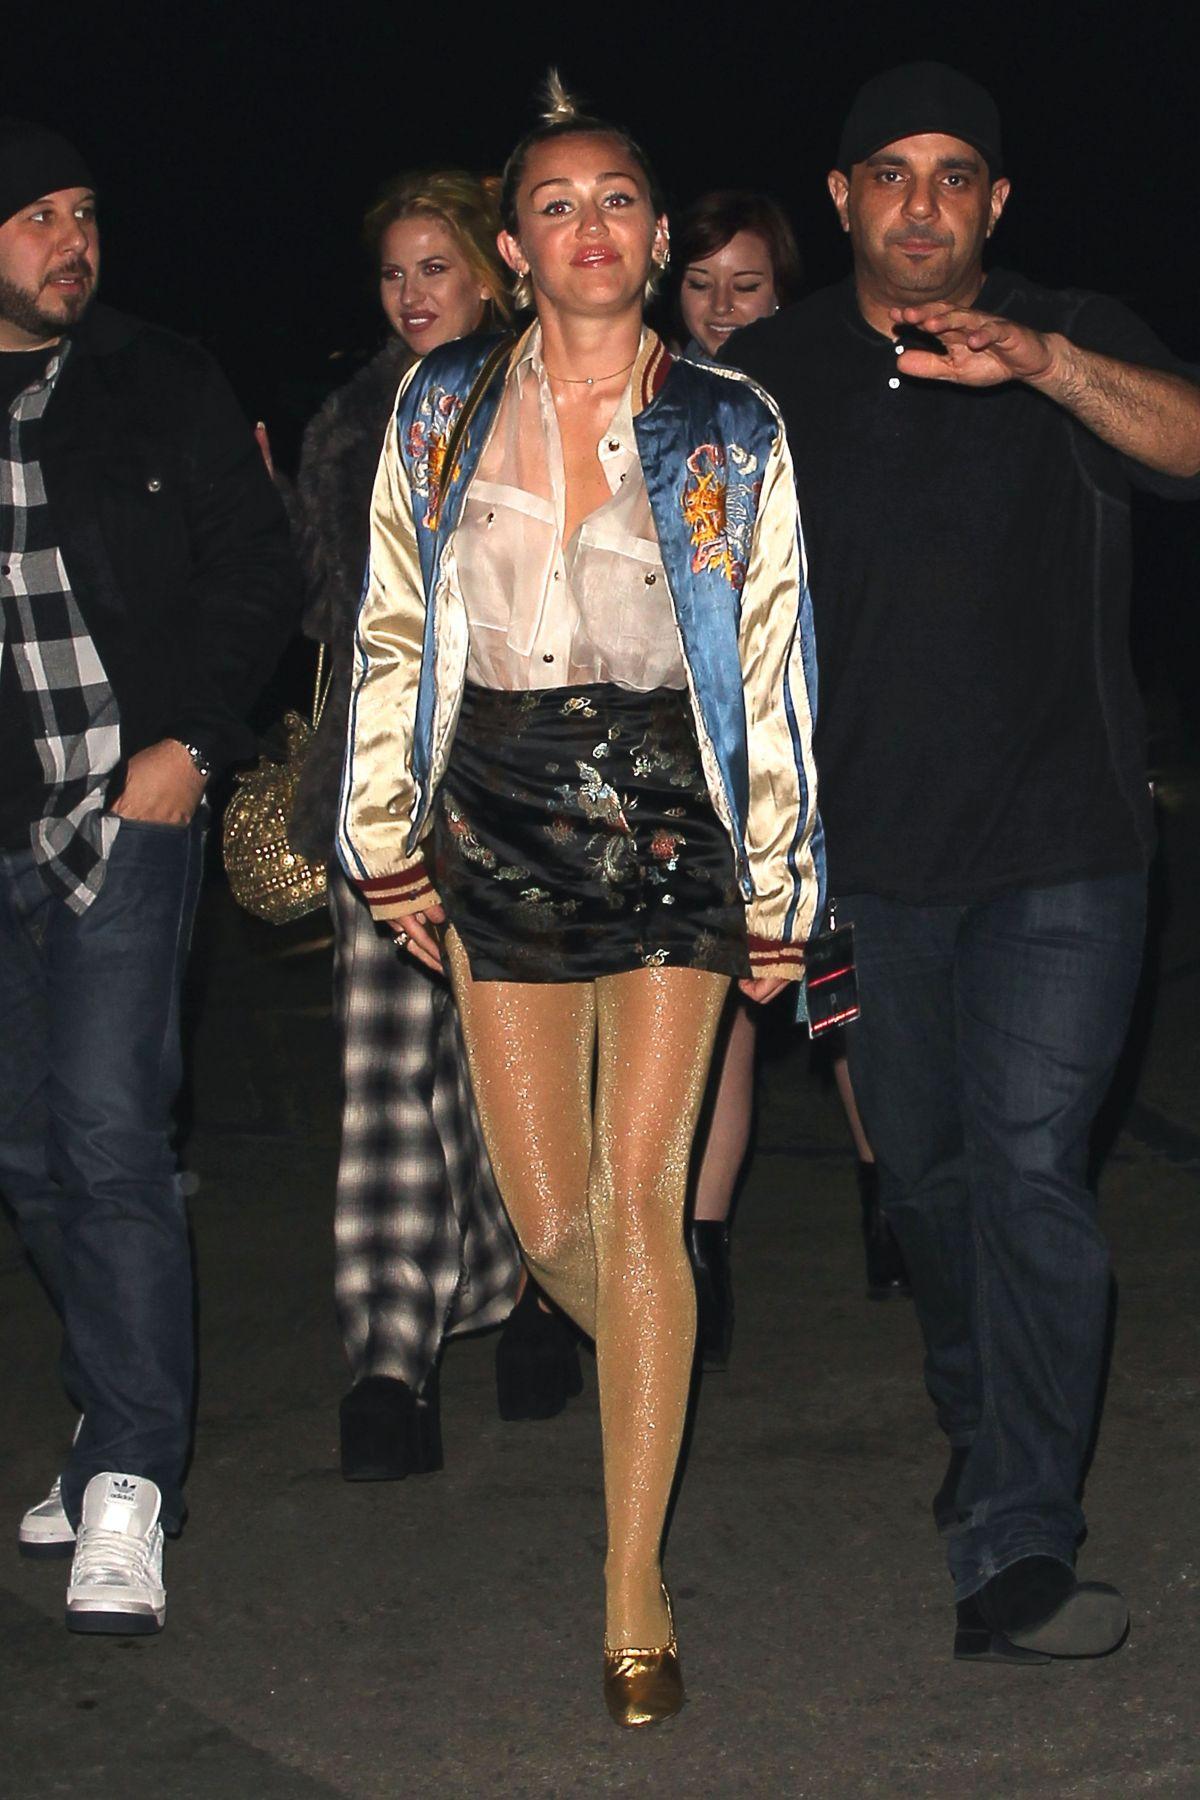 MILEY CYRUS Arrives at Lana Del Rey Concert in Los Angeles